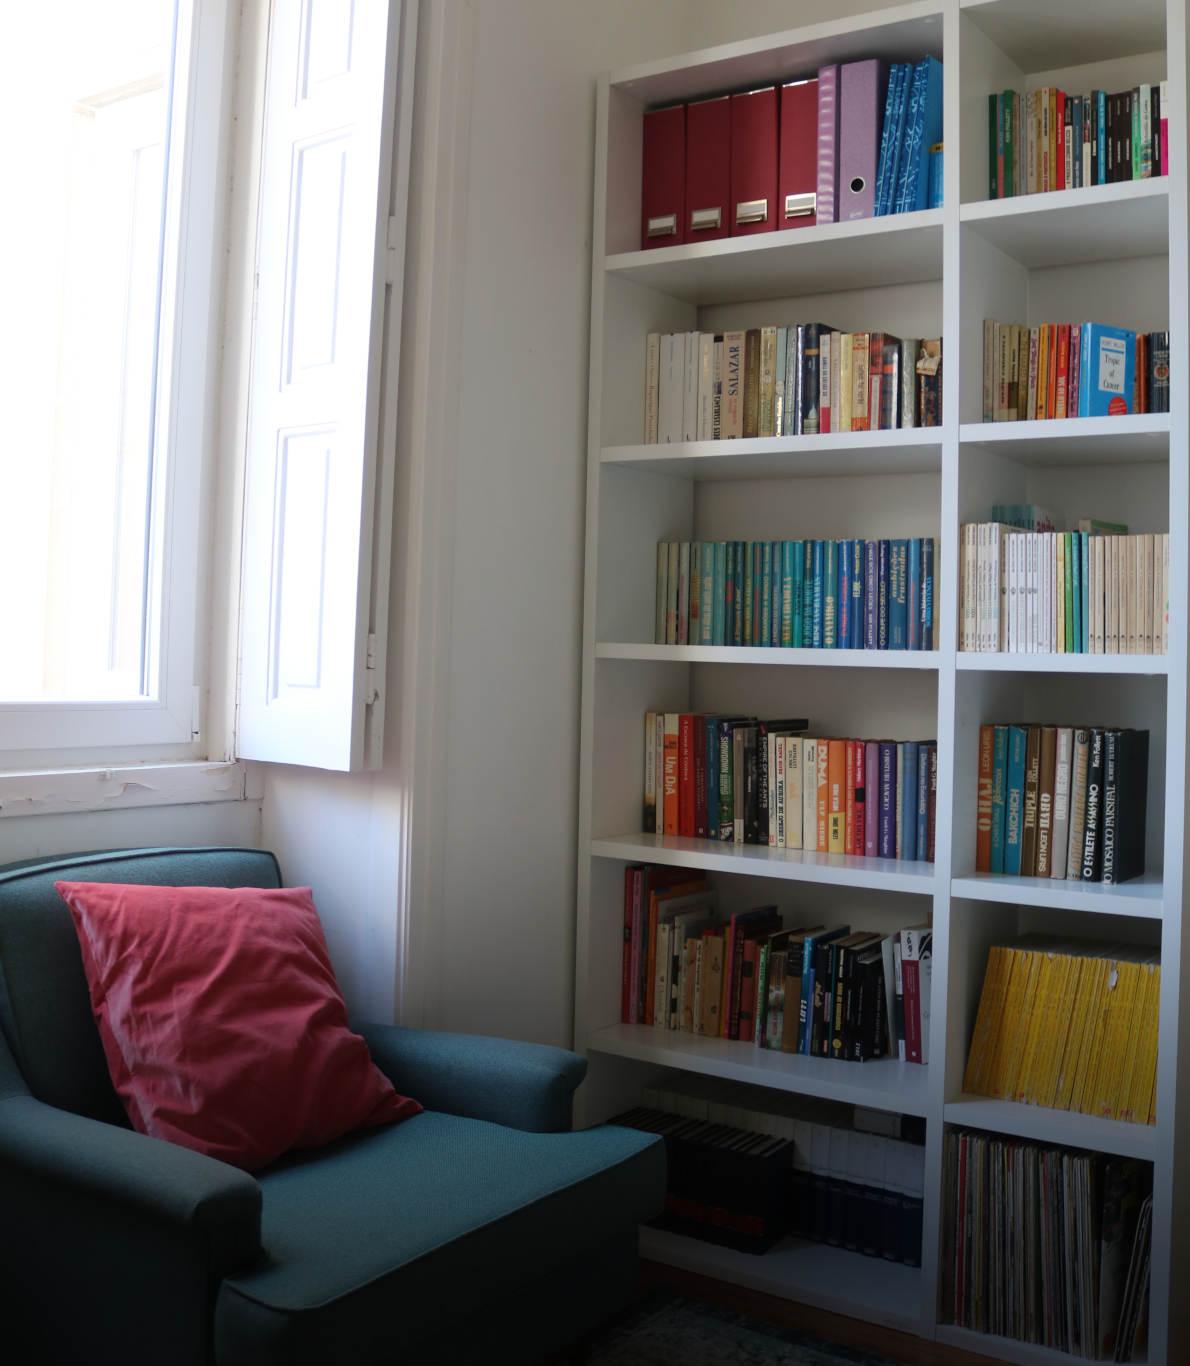 Cantinho de um quarto com uma estante cheia de livros coloridos e um sofá verde